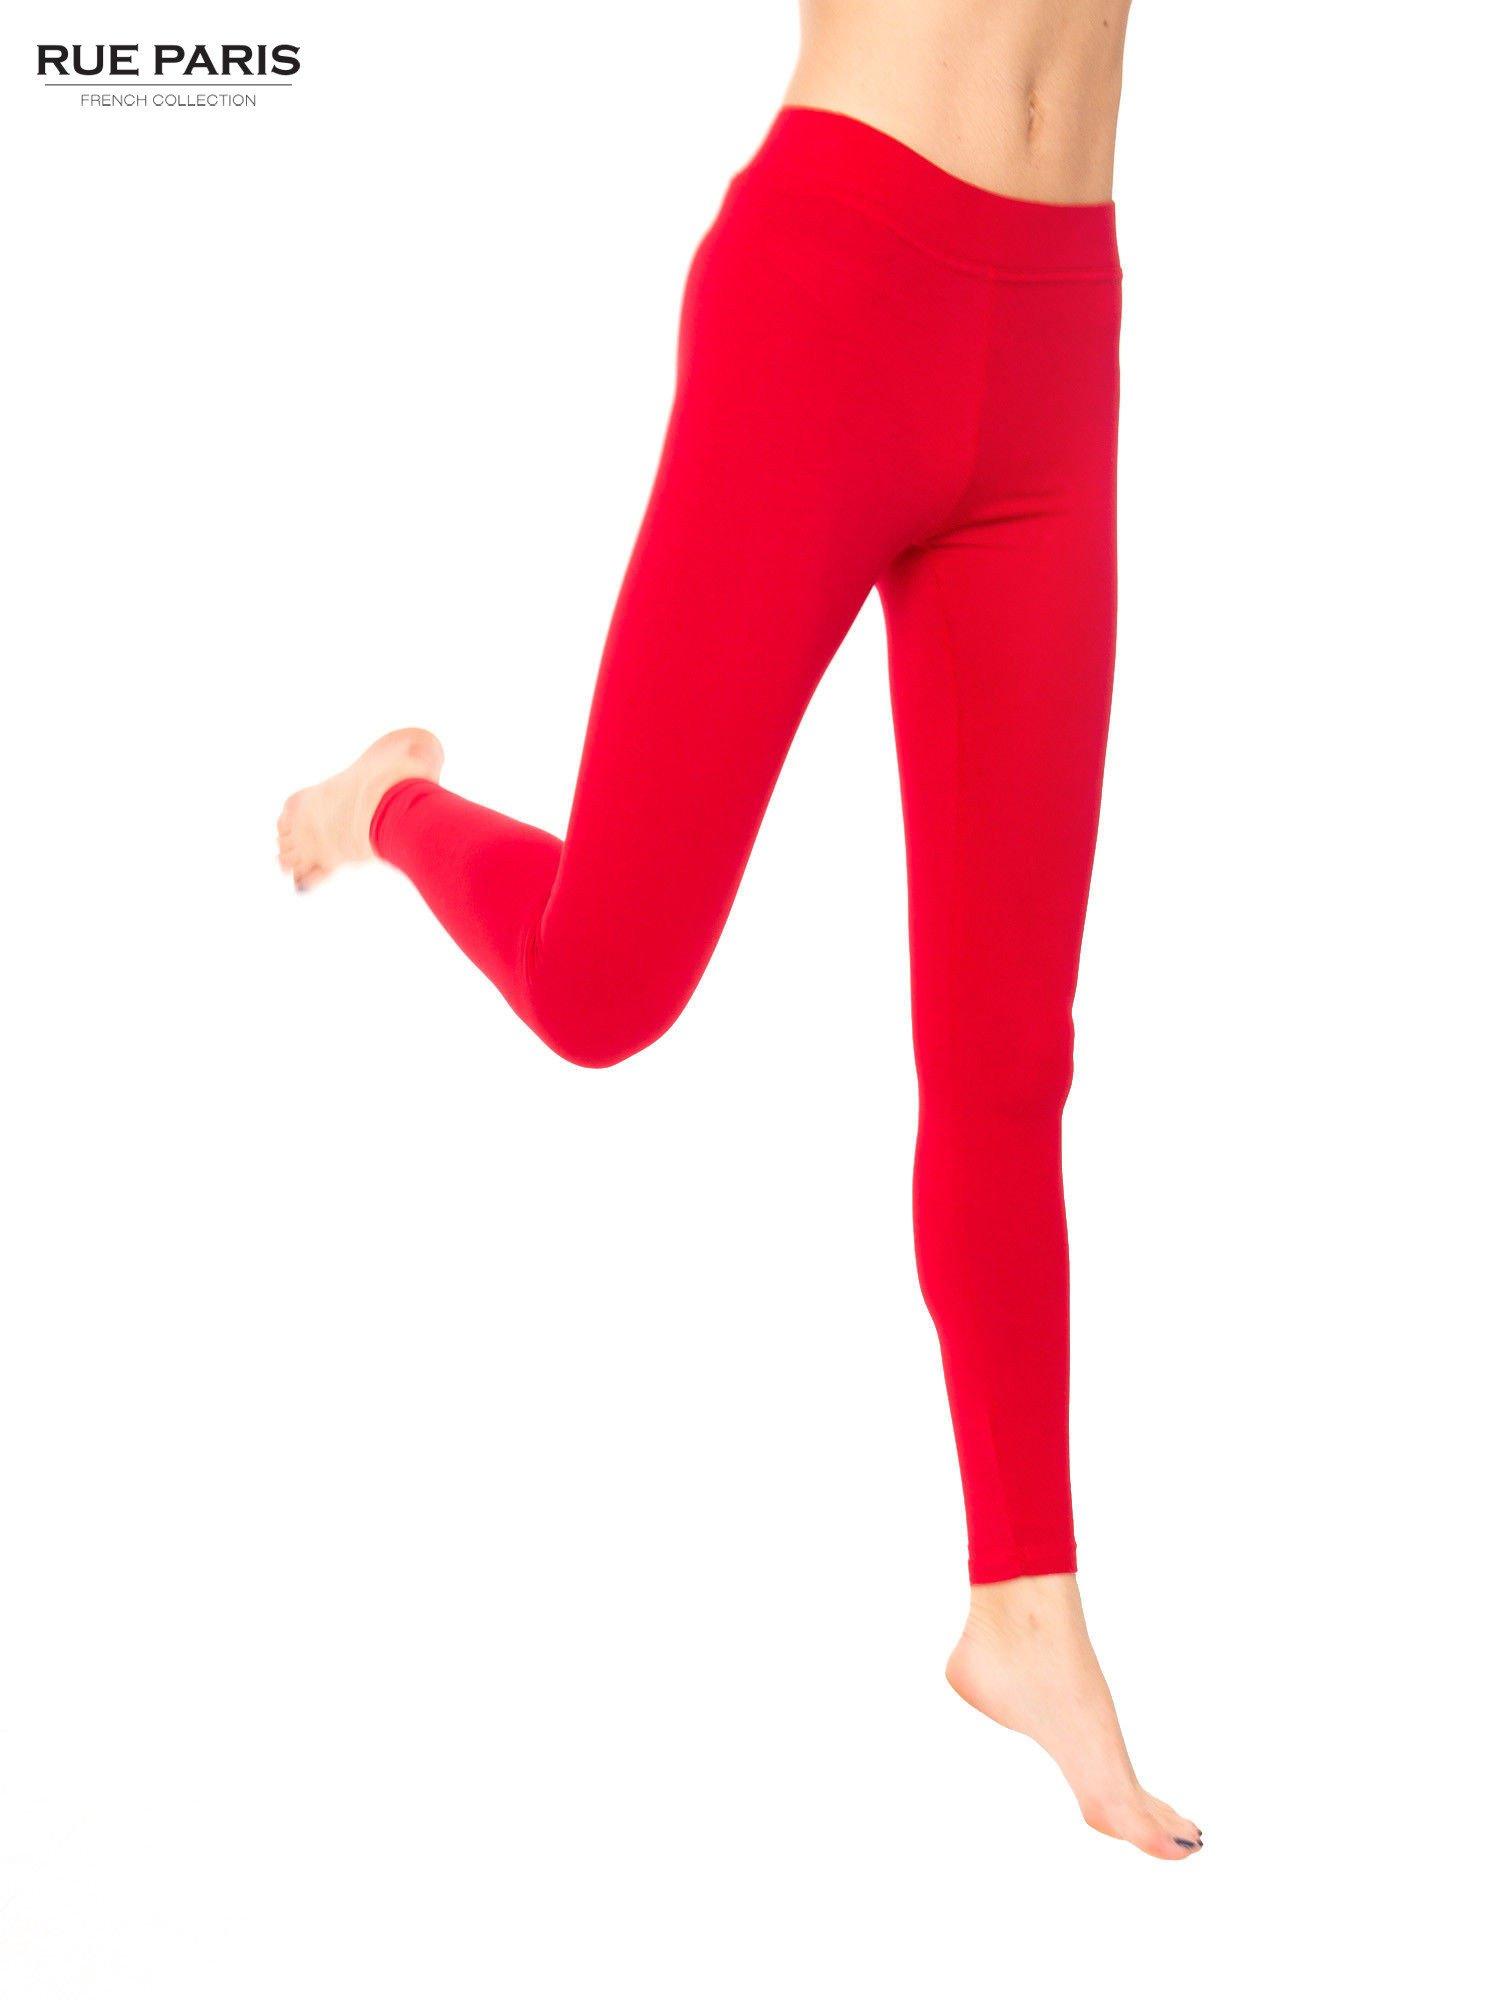 Czerwone legginsy bawełniane z gumką w pasie                                  zdj.                                  1